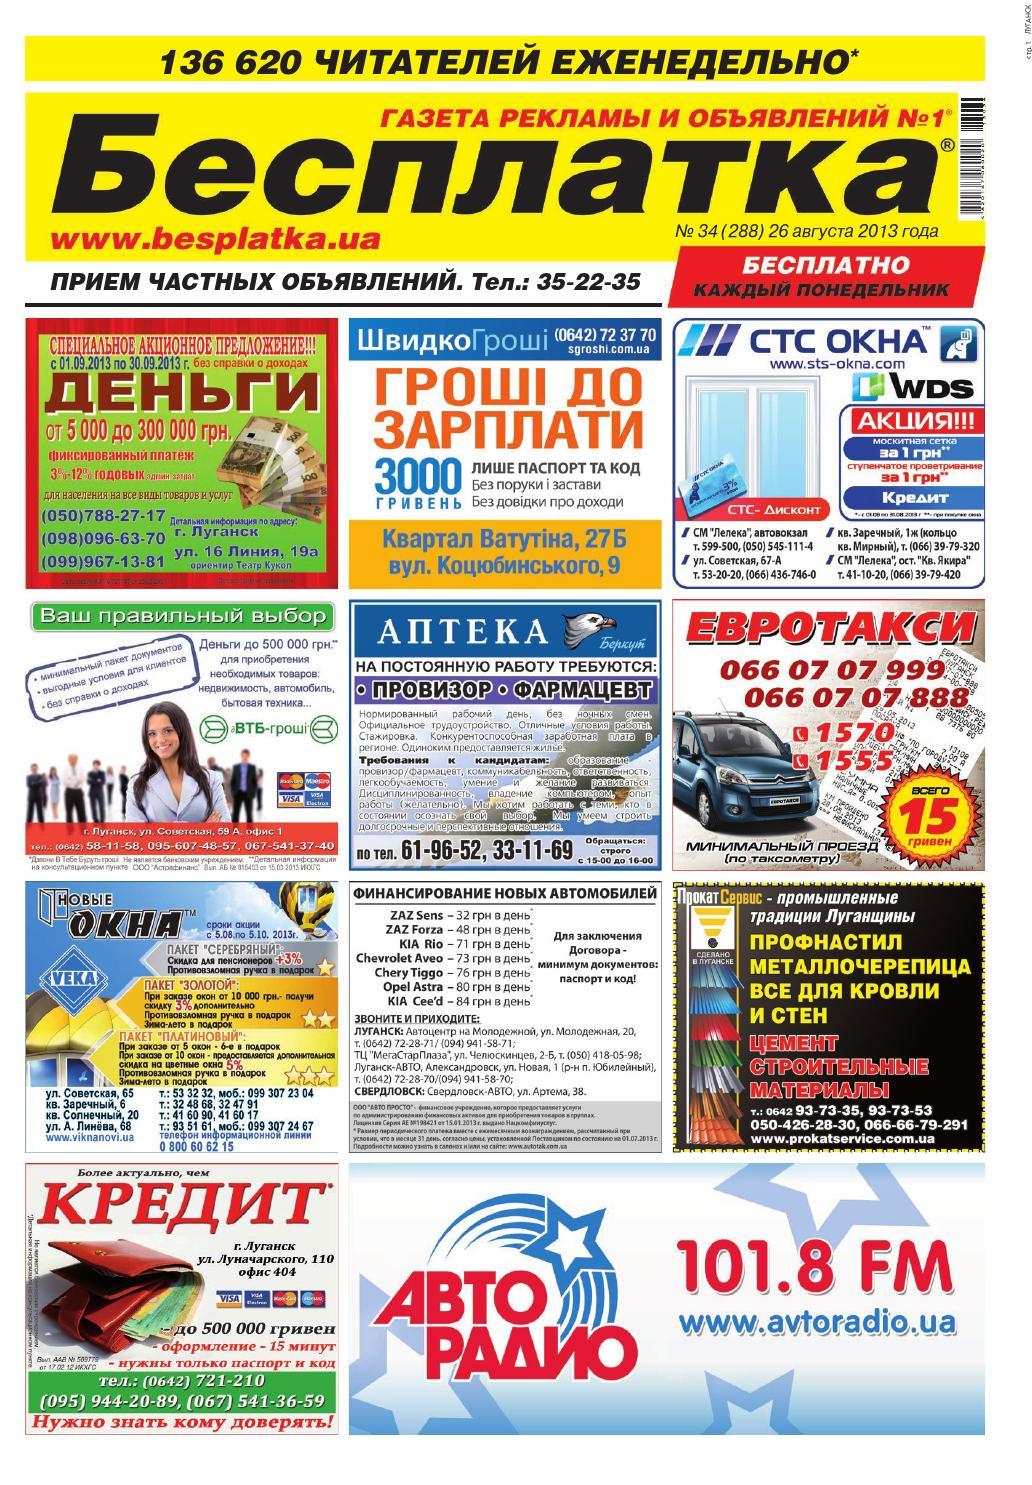 бланк формы заявления о применении соцльготы в 2011г.